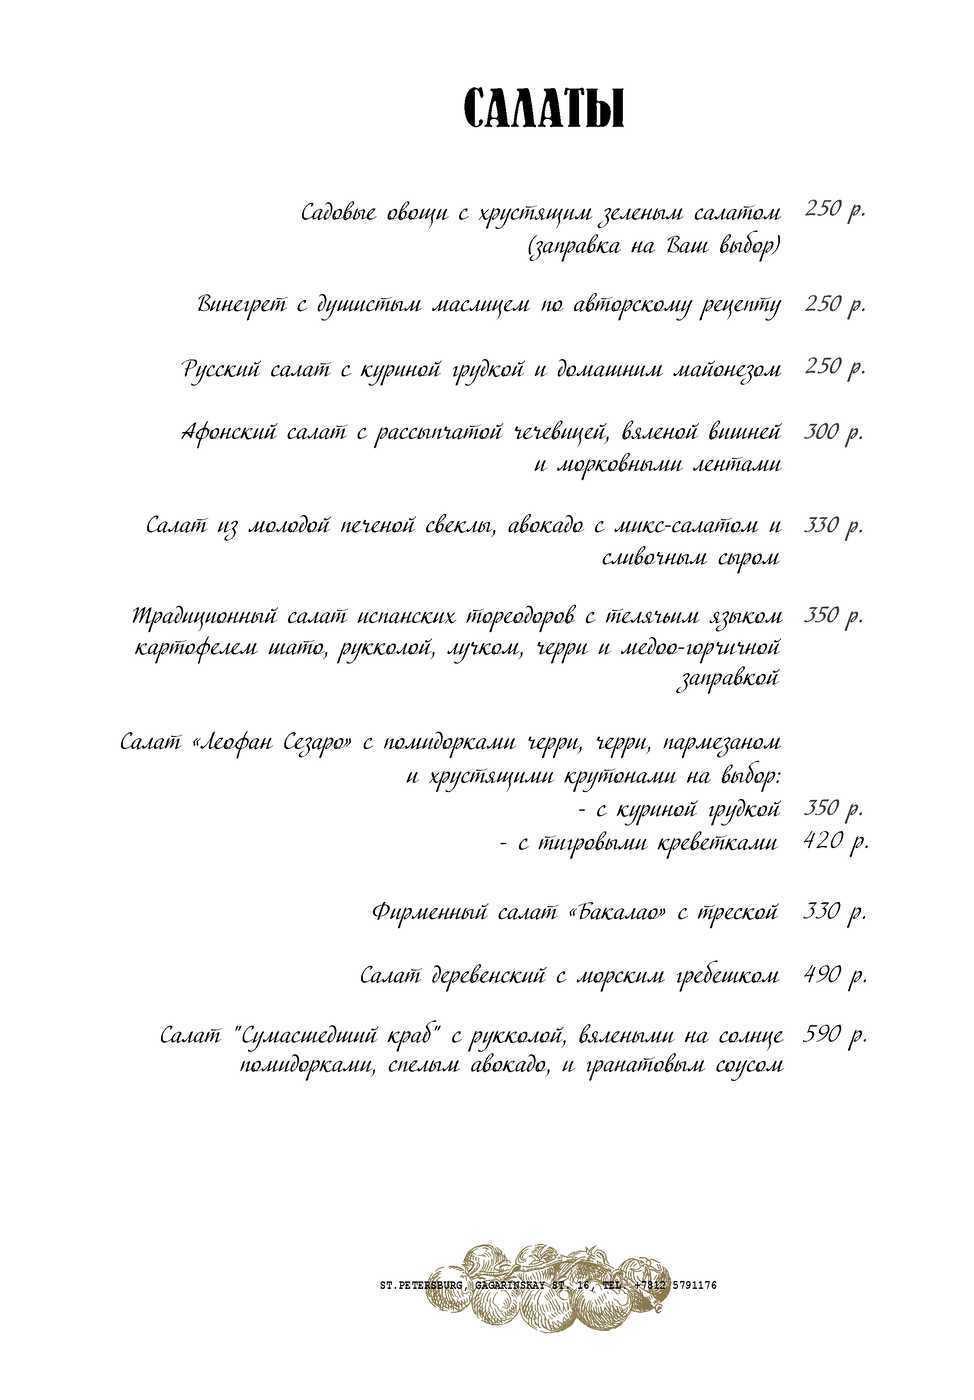 Меню бара, ресторана Хавьер (Daily Bar XAVIER) на Гагаринской улице фото 1